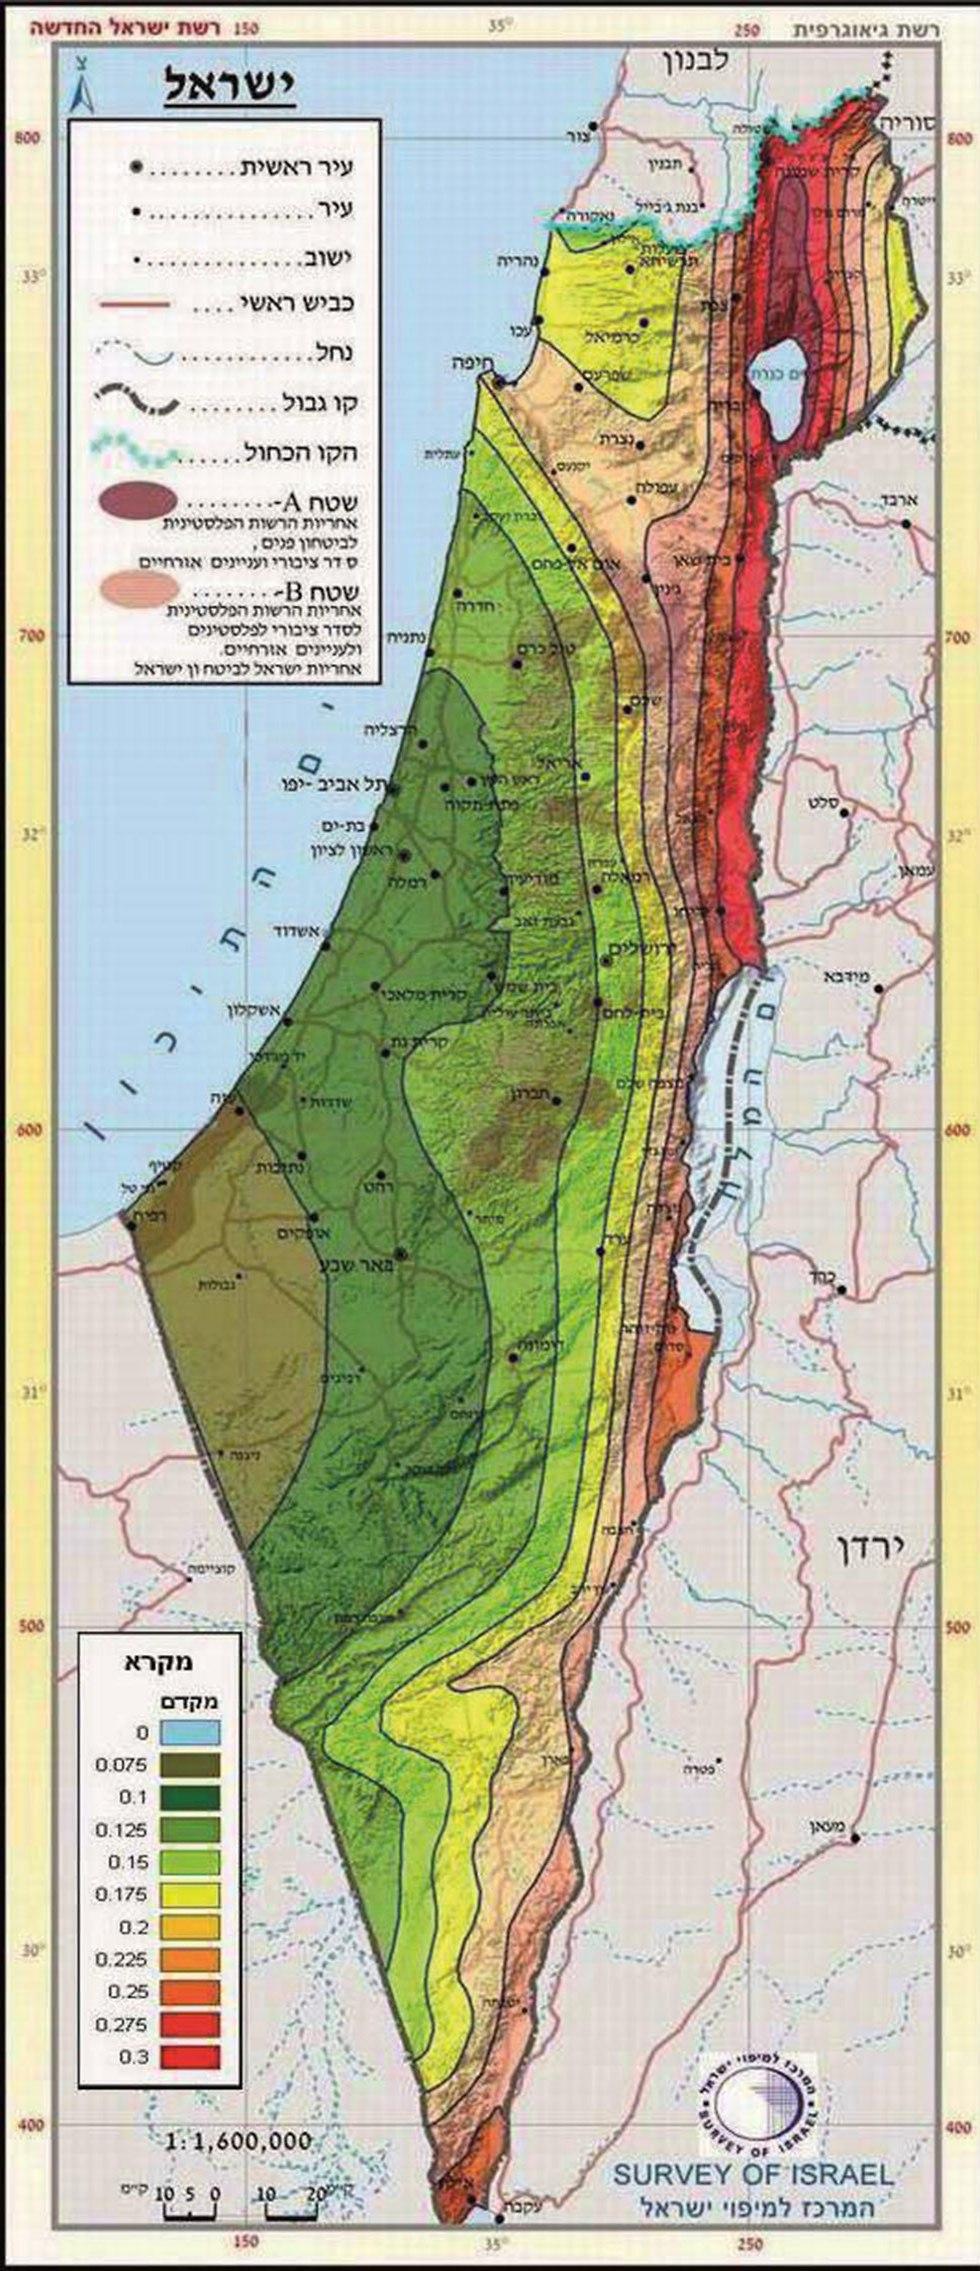 מפה רעידות אדמה (צילום: מתוך דוח מבקר המדינה)